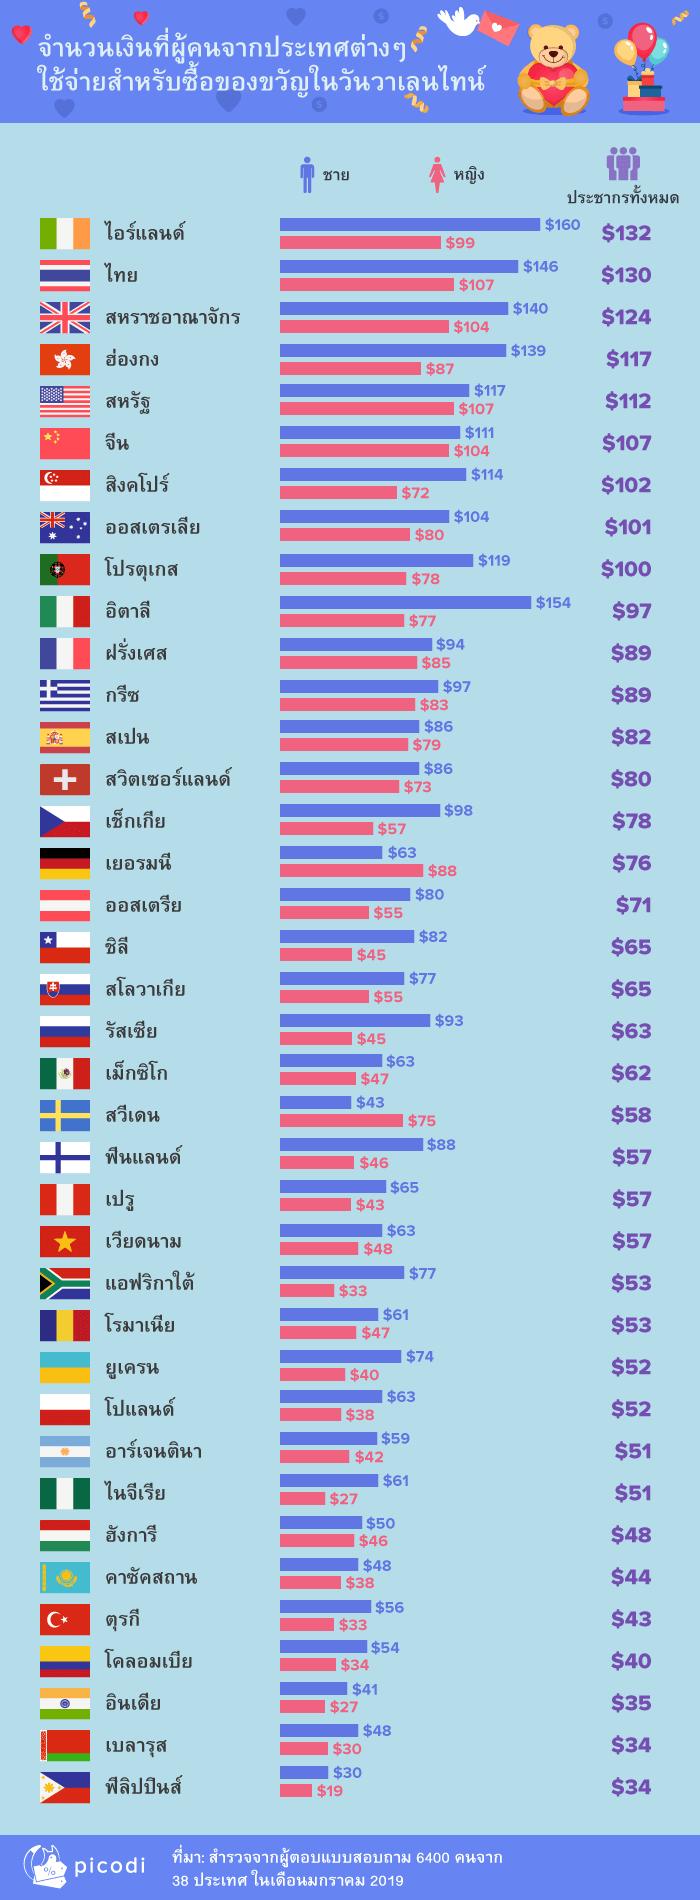 จำนวนเงินที่ผู้คนจากประเทศต่างๆใช้จ่ายสำหรับซื้อของขวัญในวันวาเลนไทน์